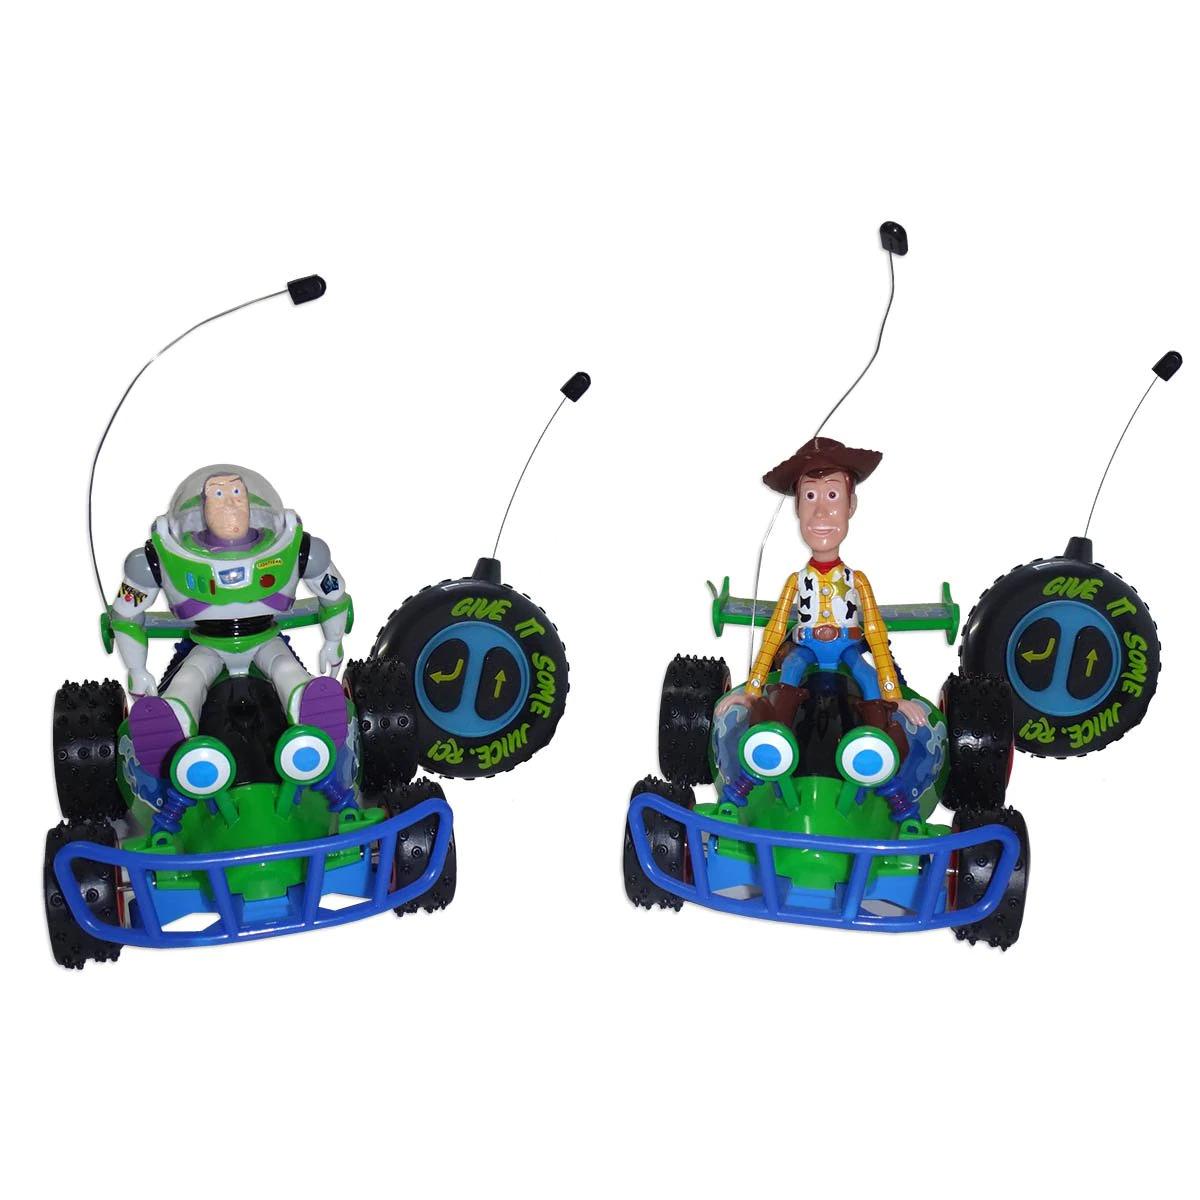 Sears y Costco - Vehiculos a Control Remoto, Toy Story (2 Modelos y Precios Distintos)